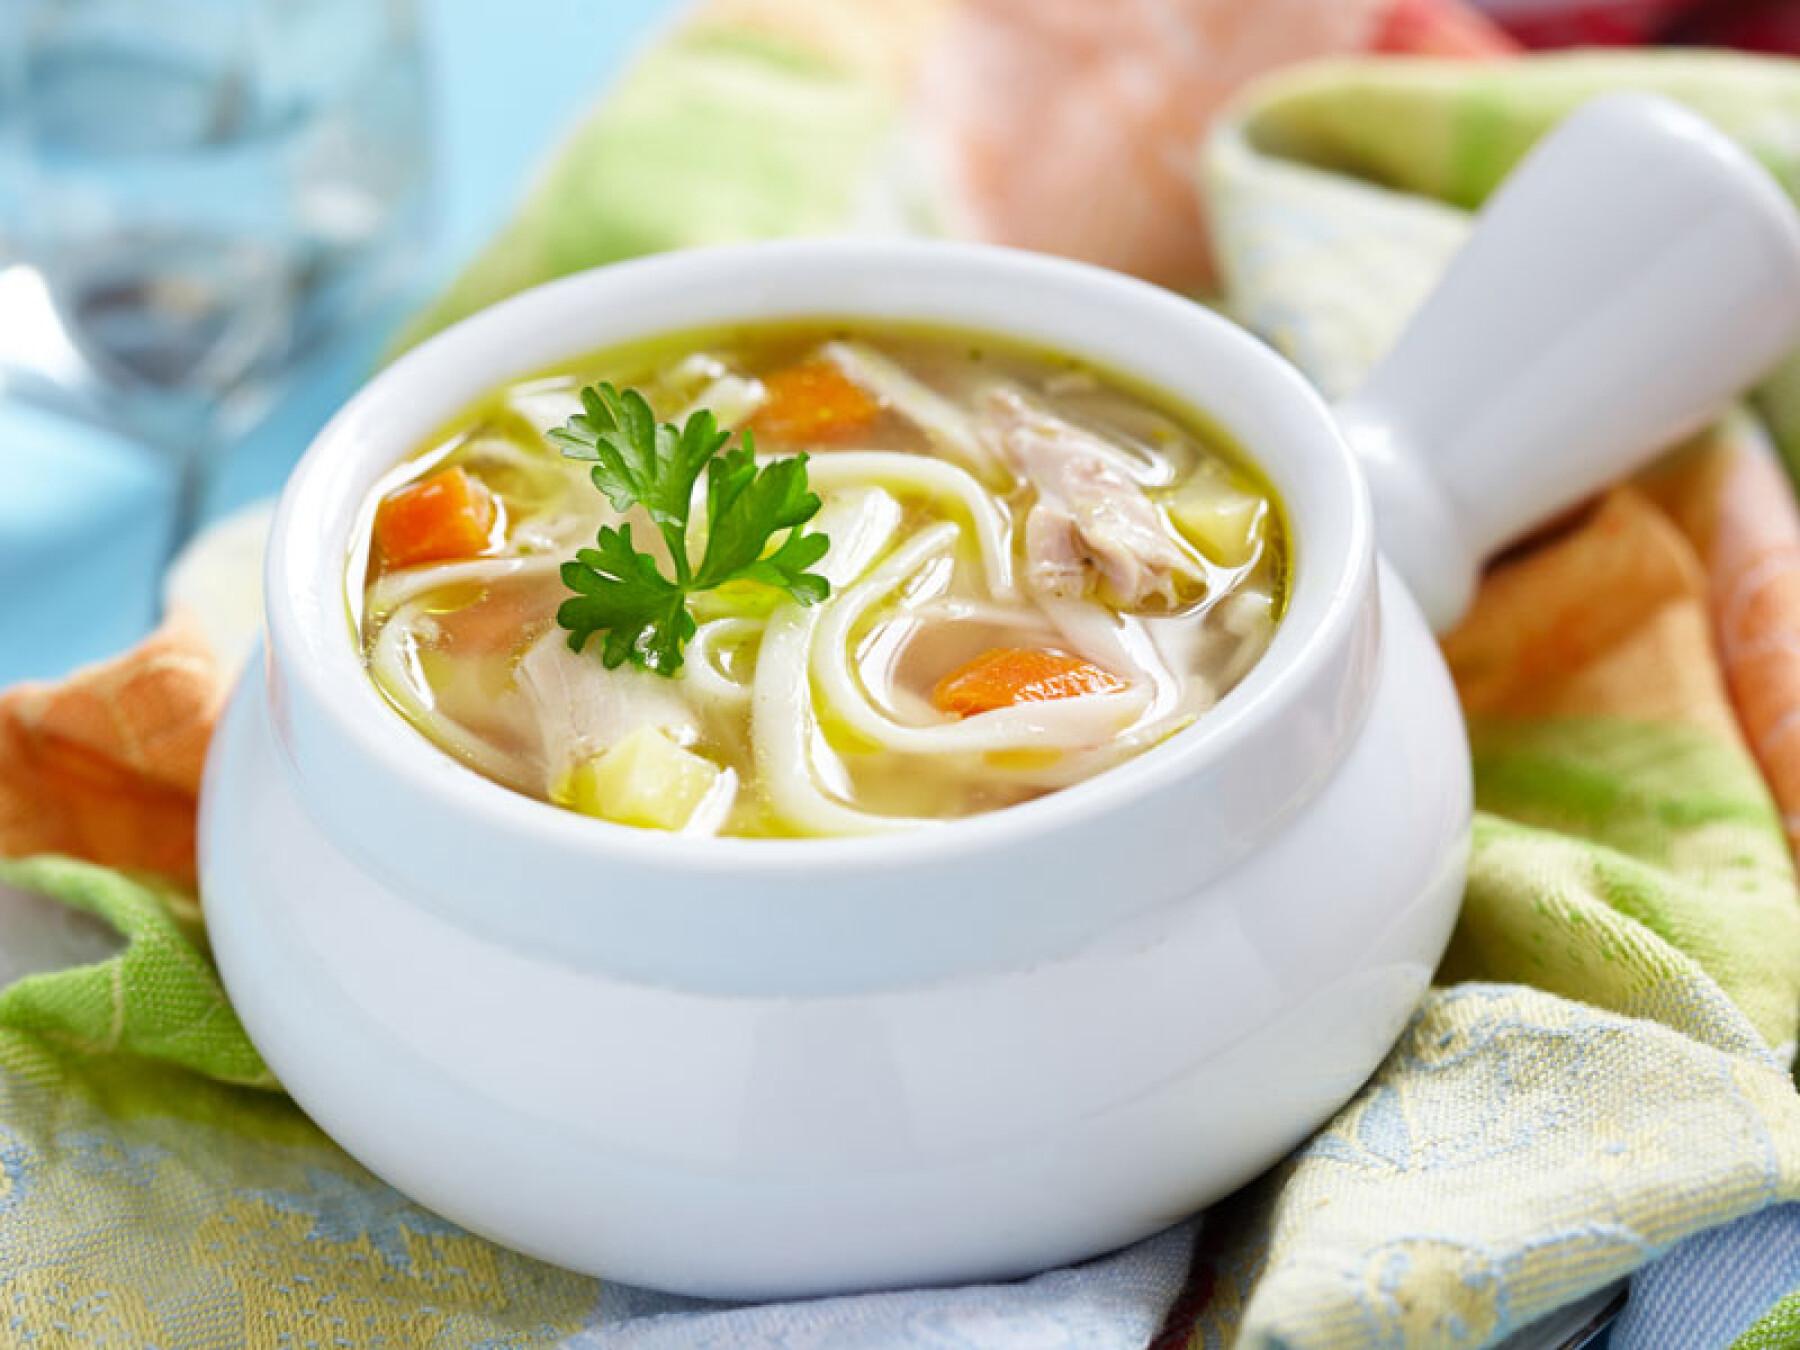 Souoe chinoise de nouilles et crevettes